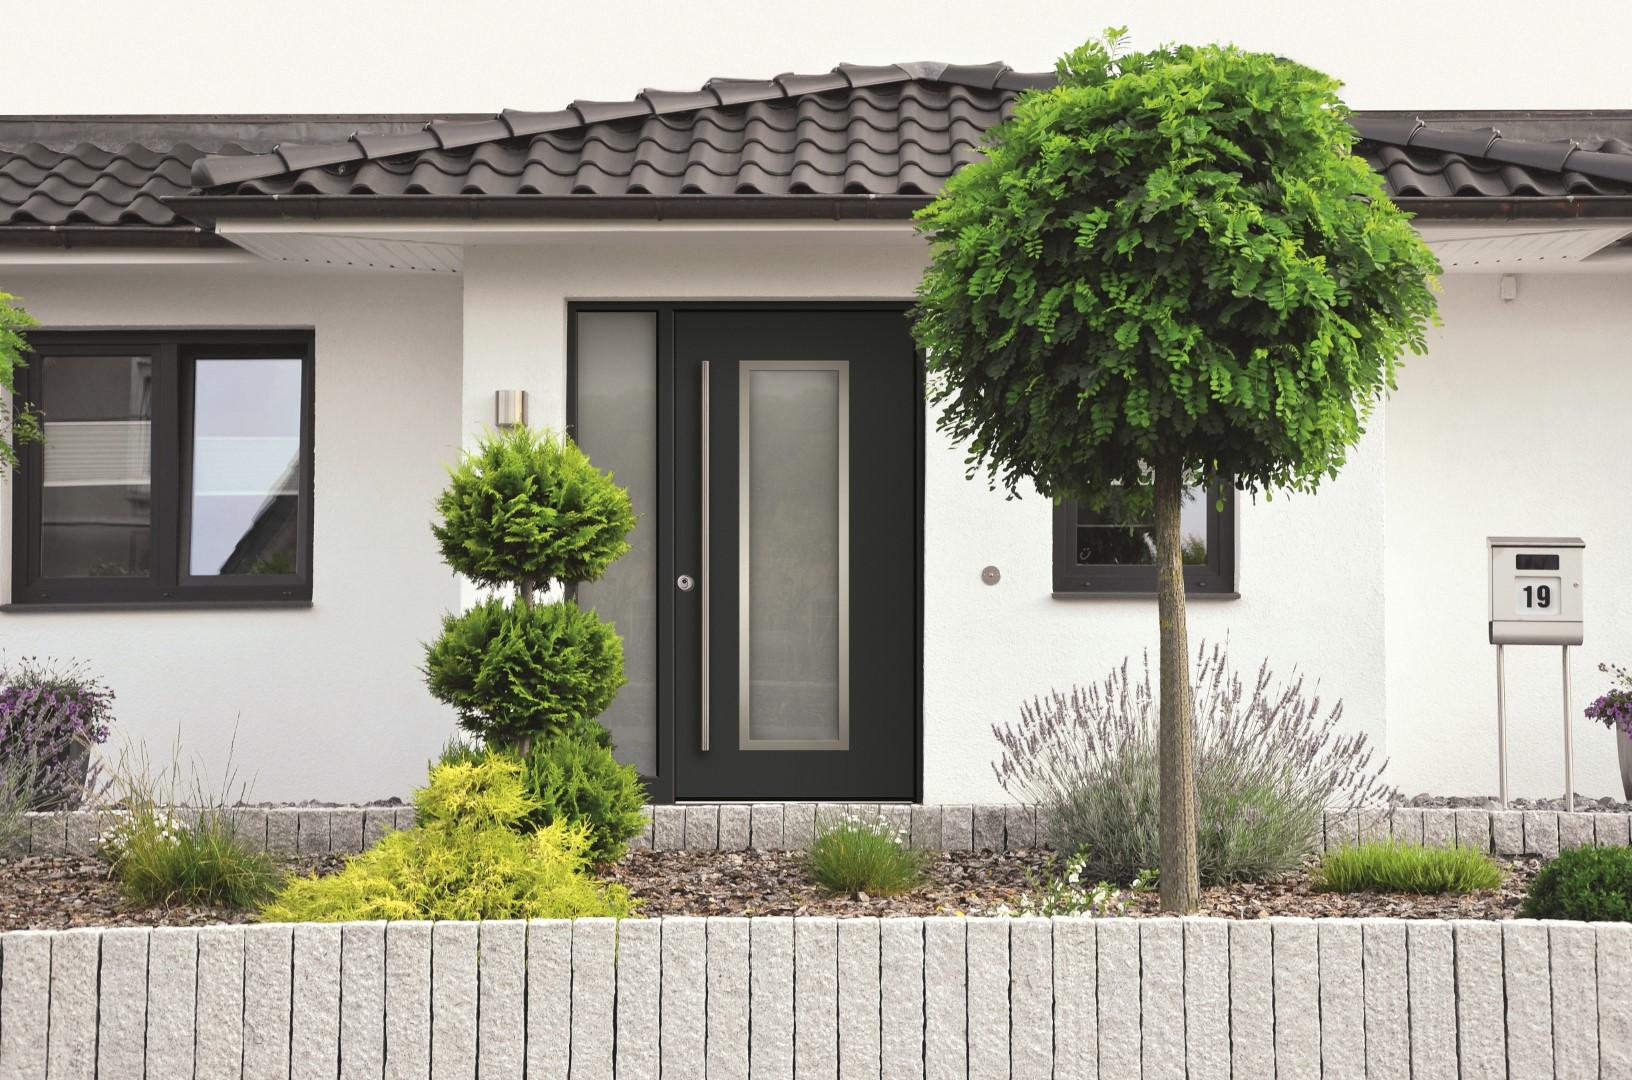 dura smart kunststoffhaust ren nach kundenwunsch presse datenbank. Black Bedroom Furniture Sets. Home Design Ideas